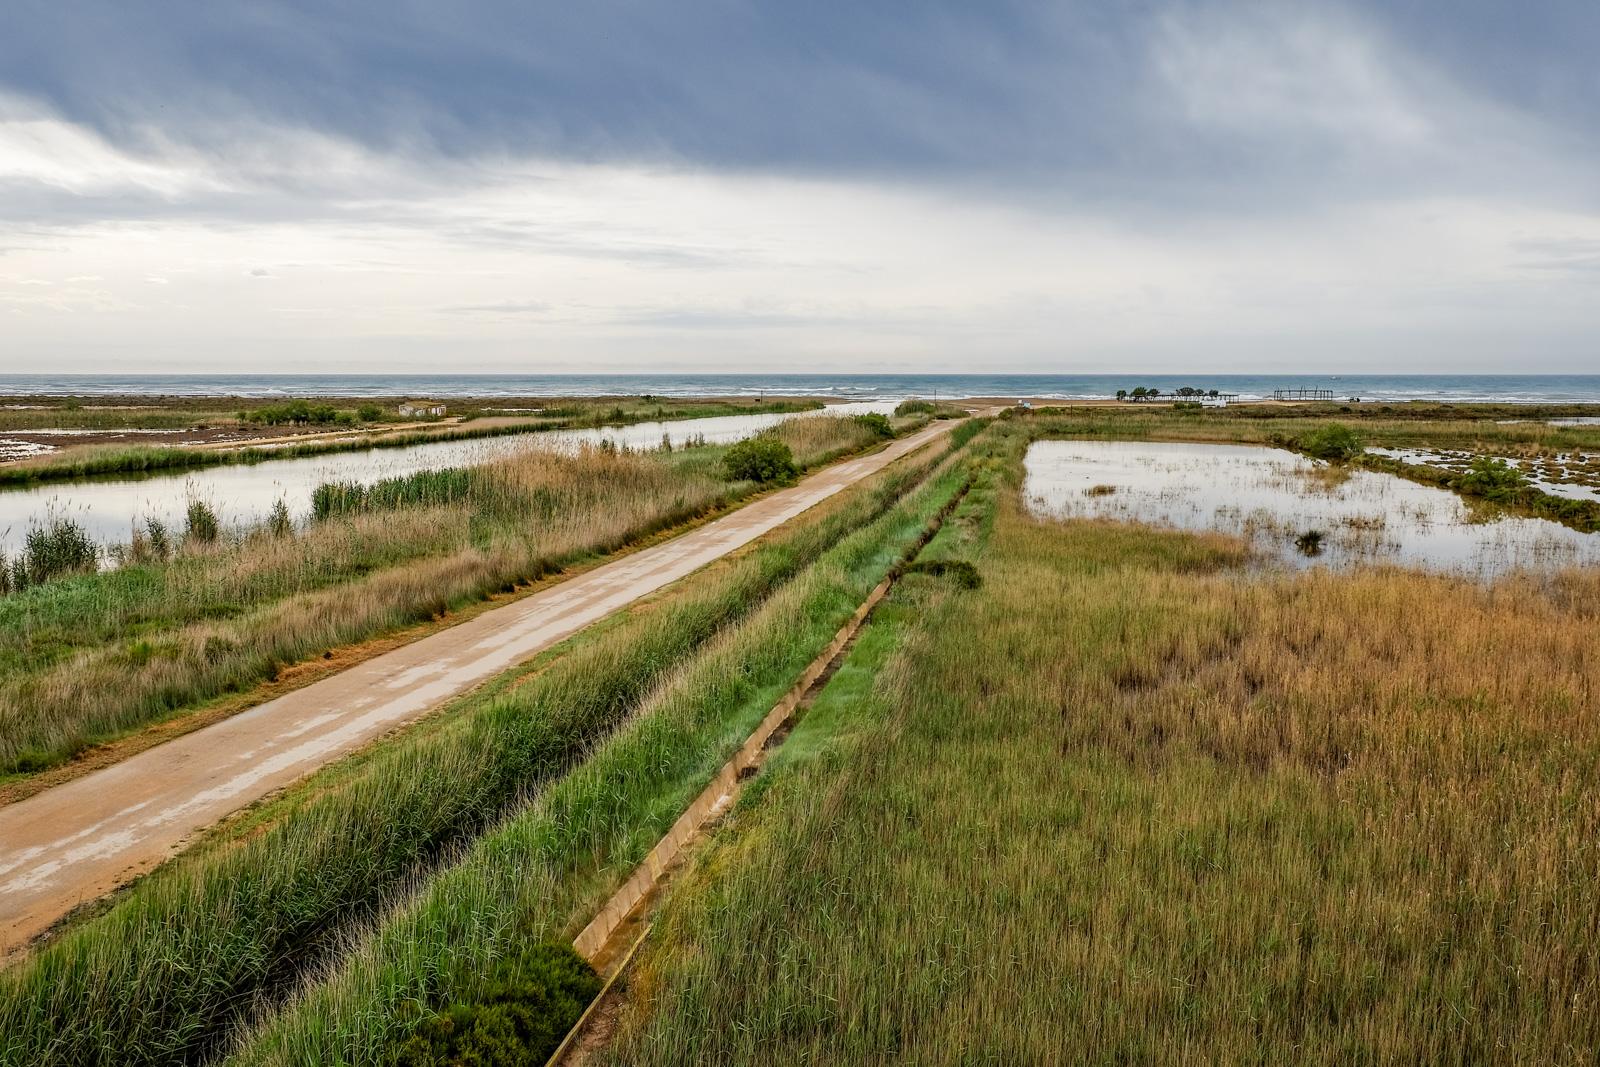 Road trip catalogne : delta de l'ebre